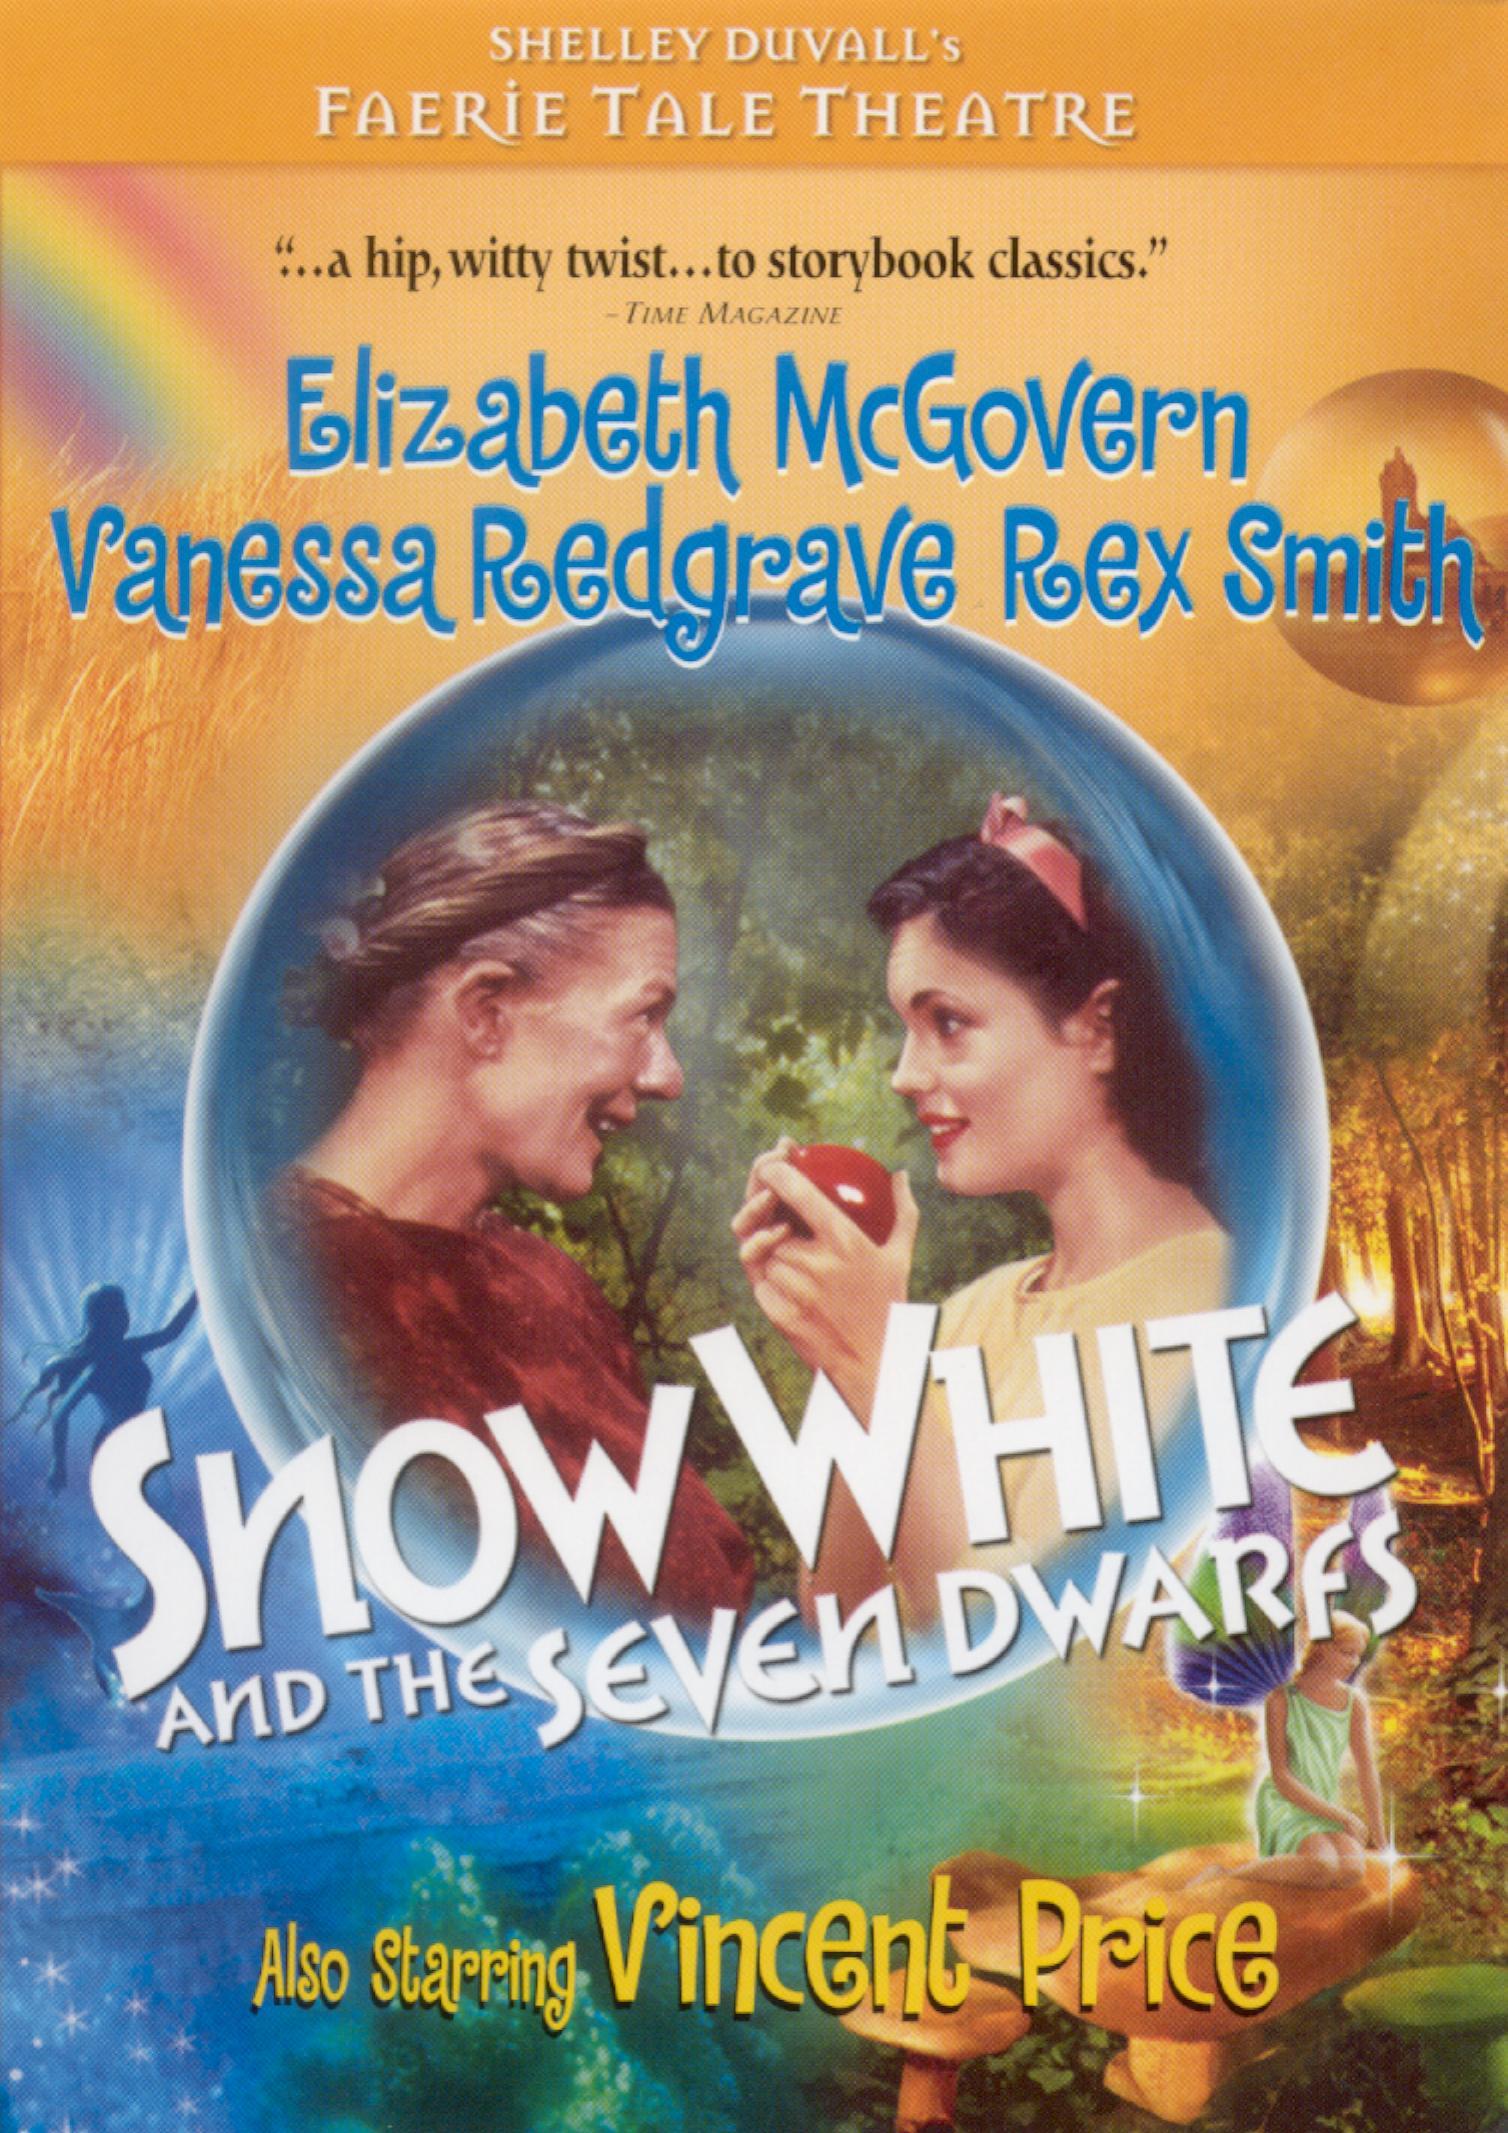 Faerie Tale Theatre: Snow White and the Seven Dwarfs